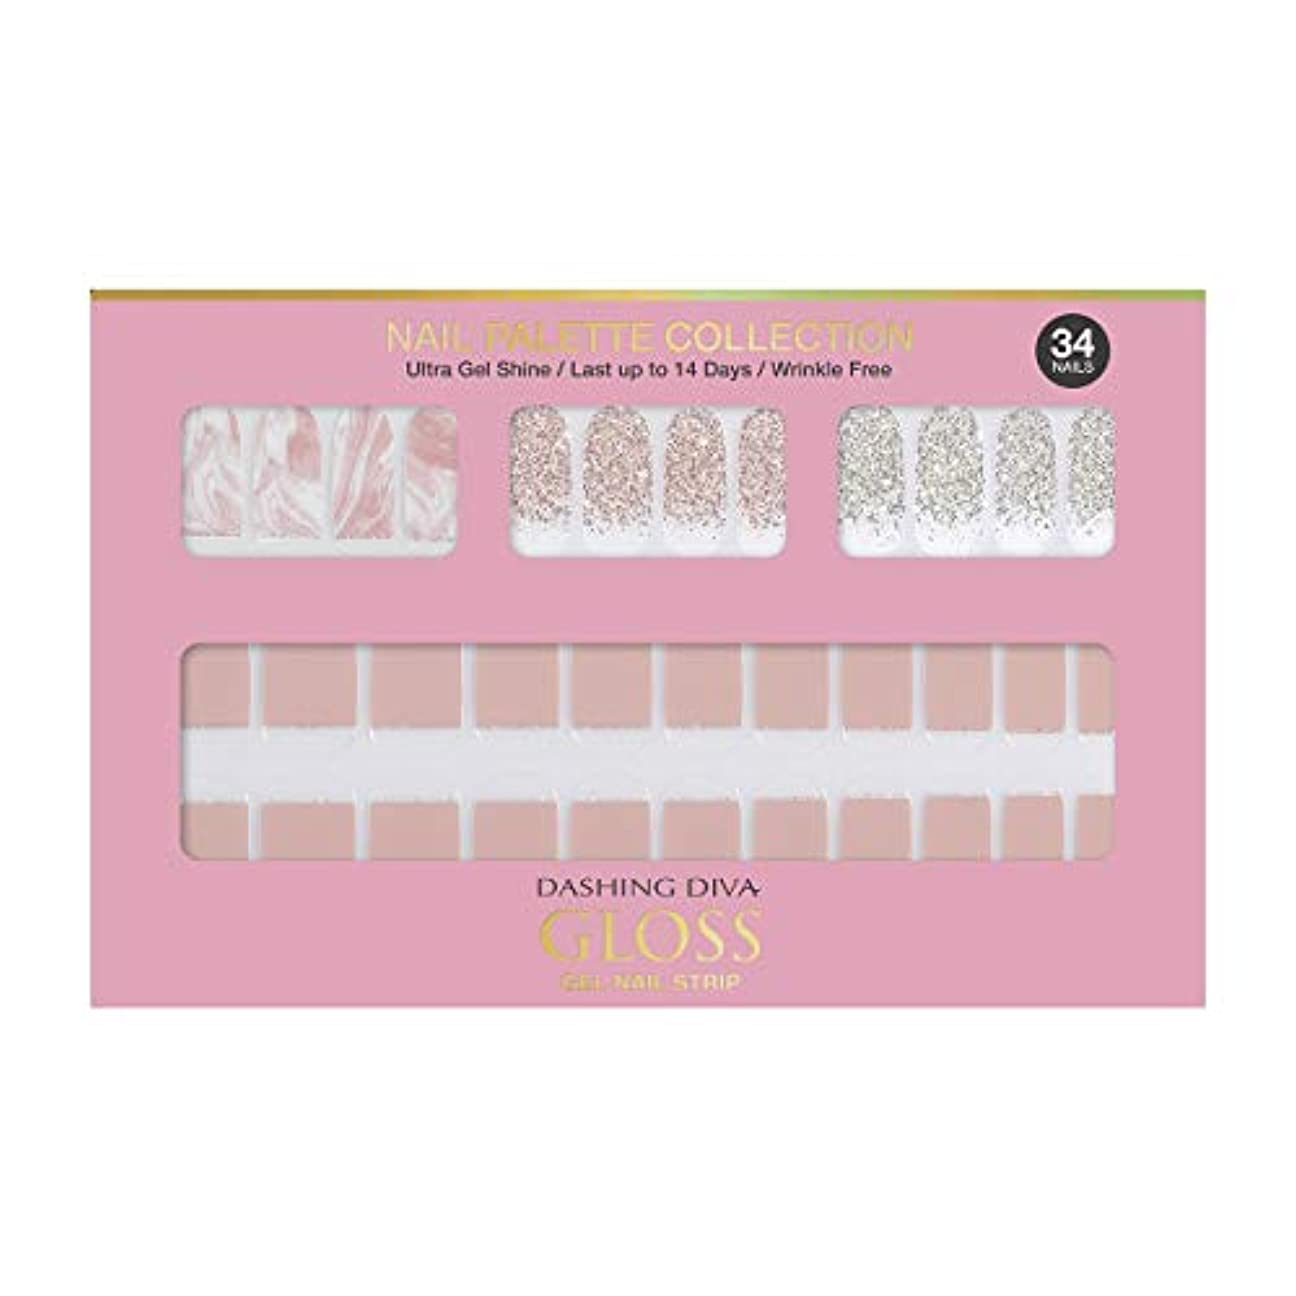 調和バックアップ蒸し器ダッシングディバ グロスジェル ネイルストリップ DASHING DIVA Gloss Gel Nail Strip DGNP03-DURY+ オリジナルジェル ネイルシール Rosy #03 Strawberry Latte